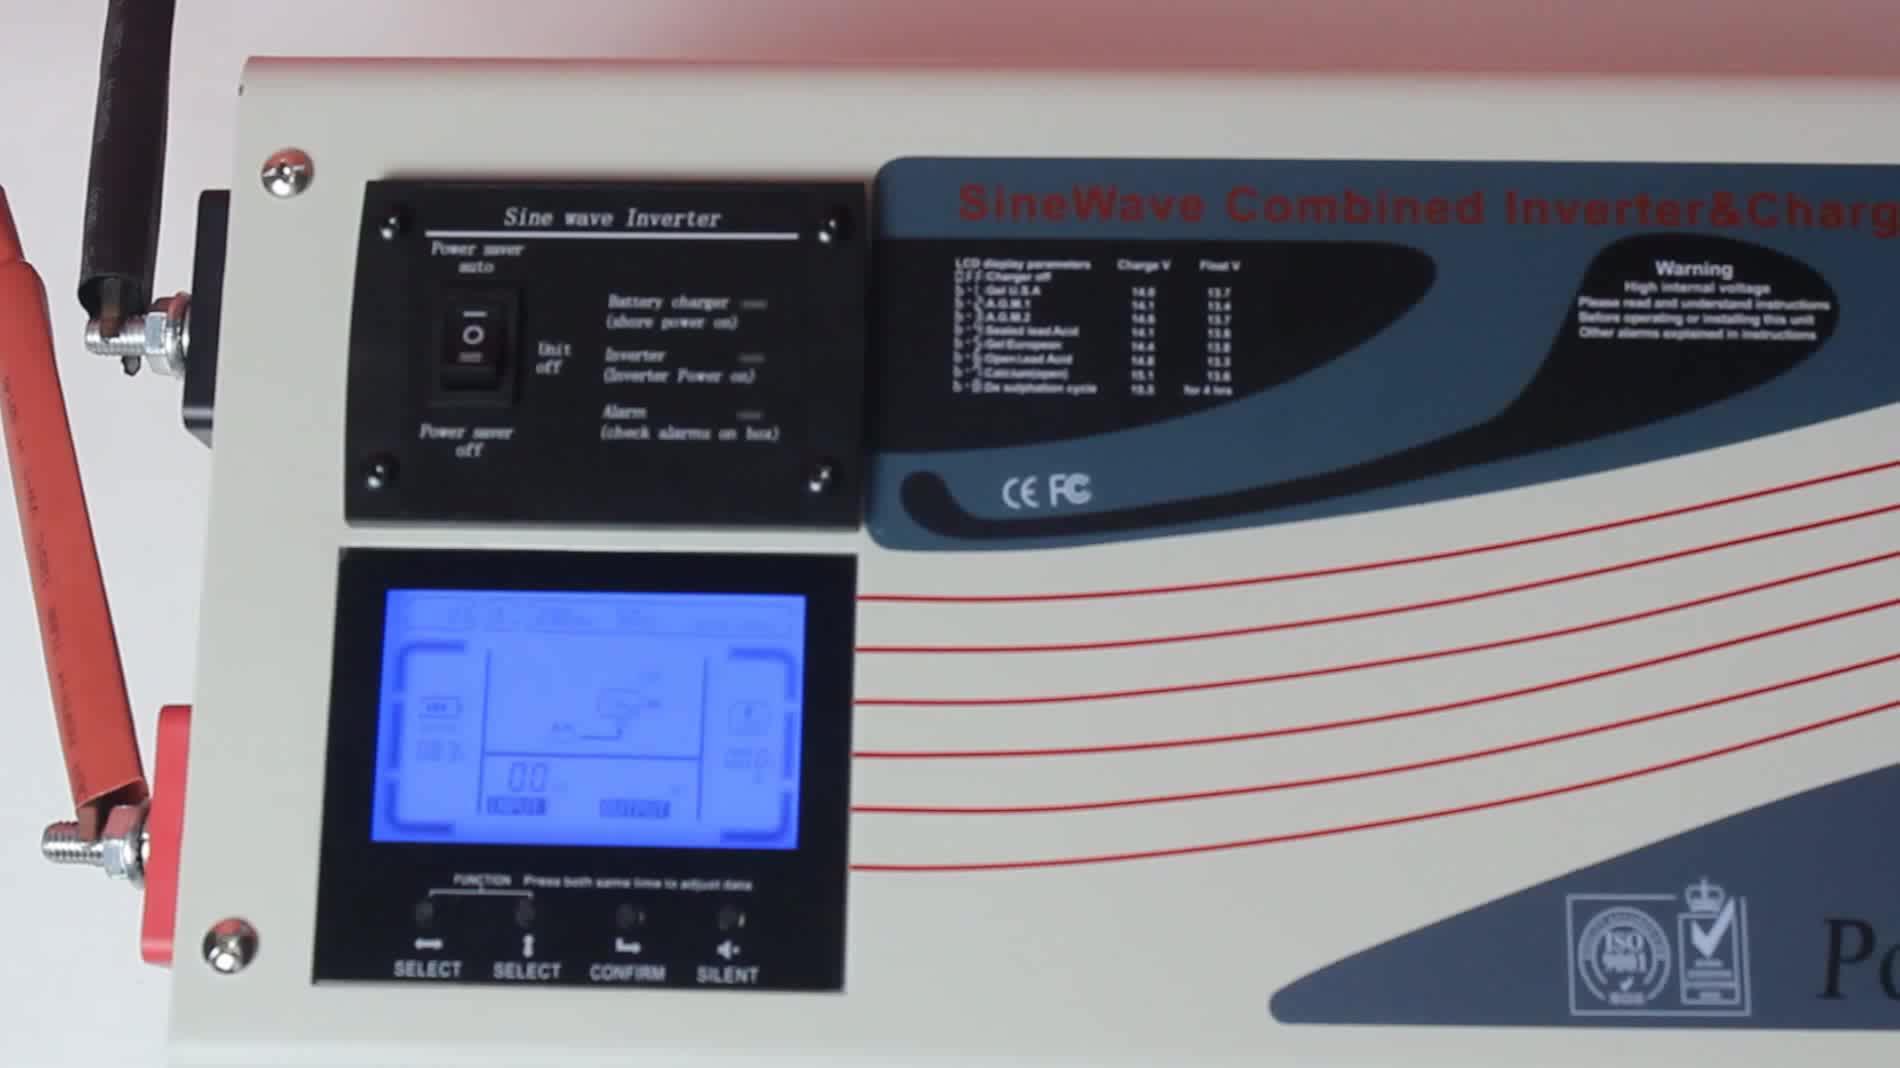 3000 watt Power Star LW Power inverter with AC charger 220V 12V